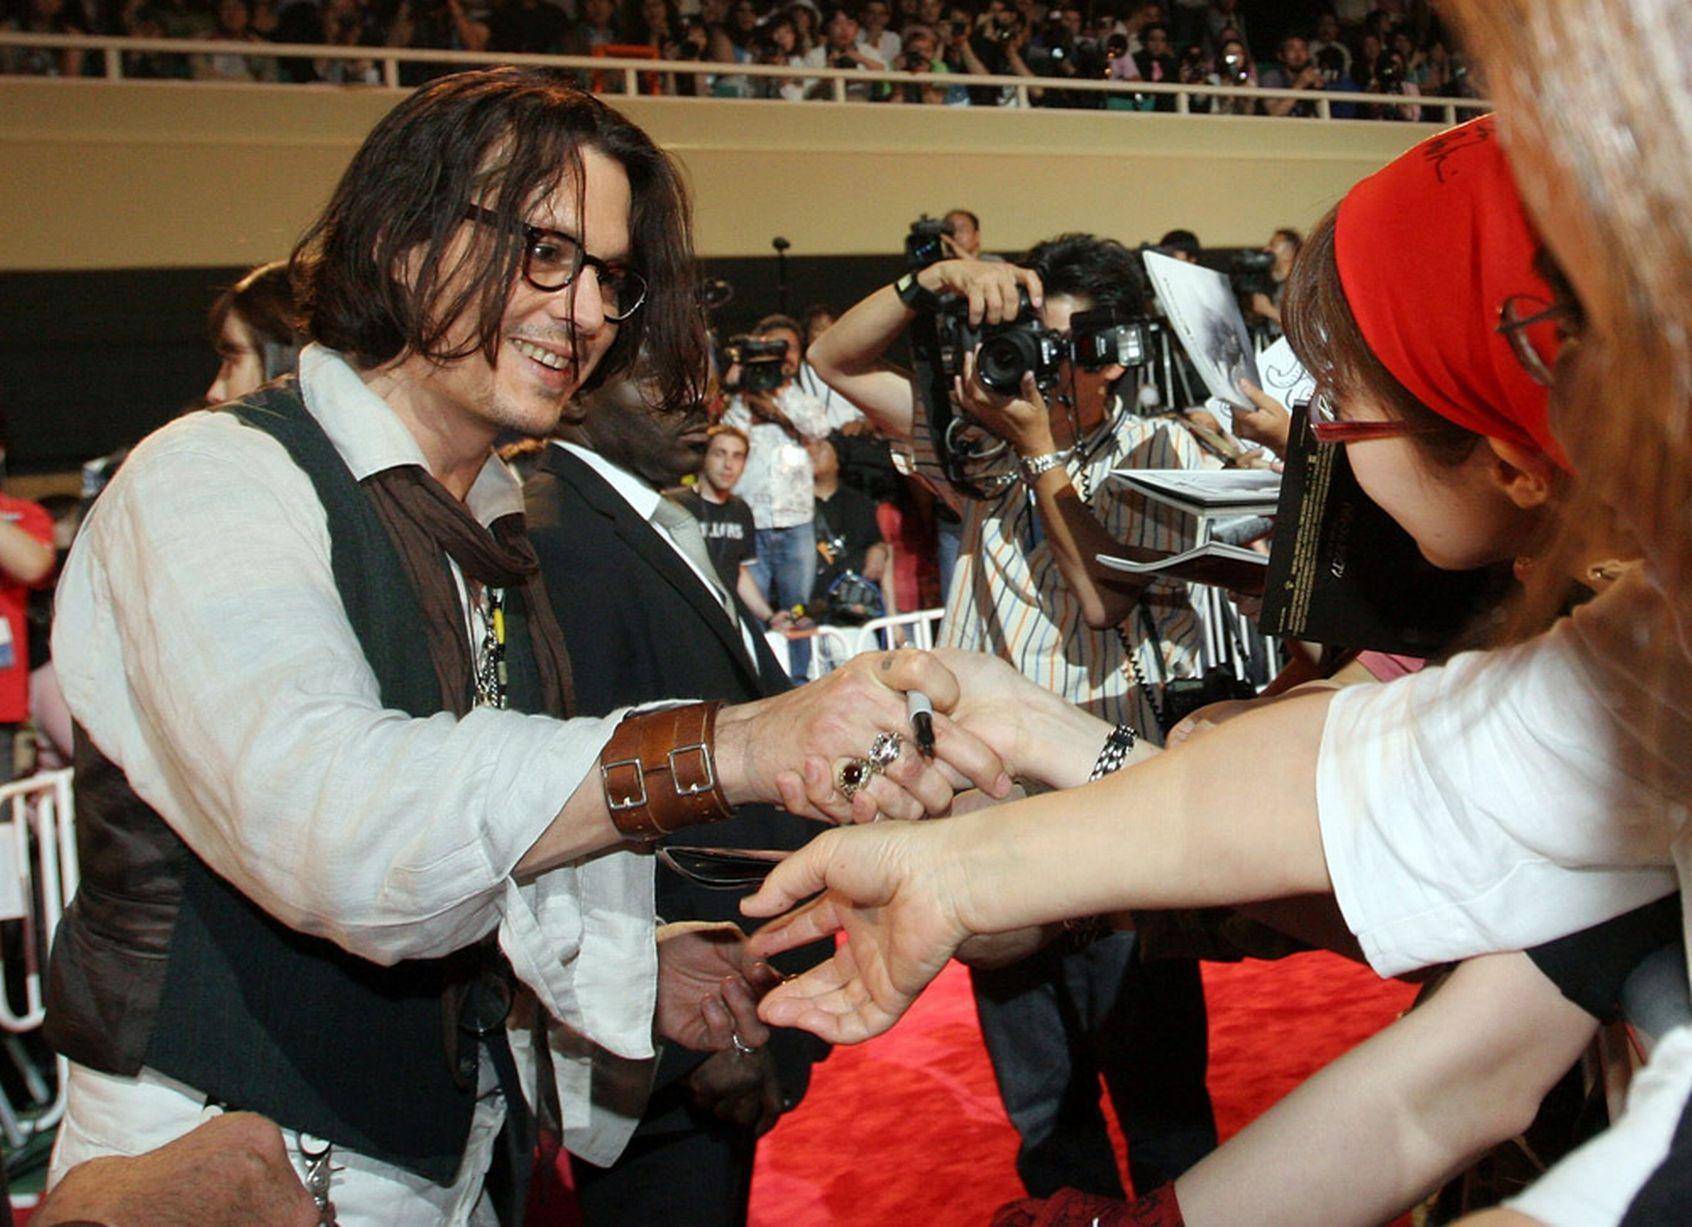 Johnny-Depp-May-23-2007